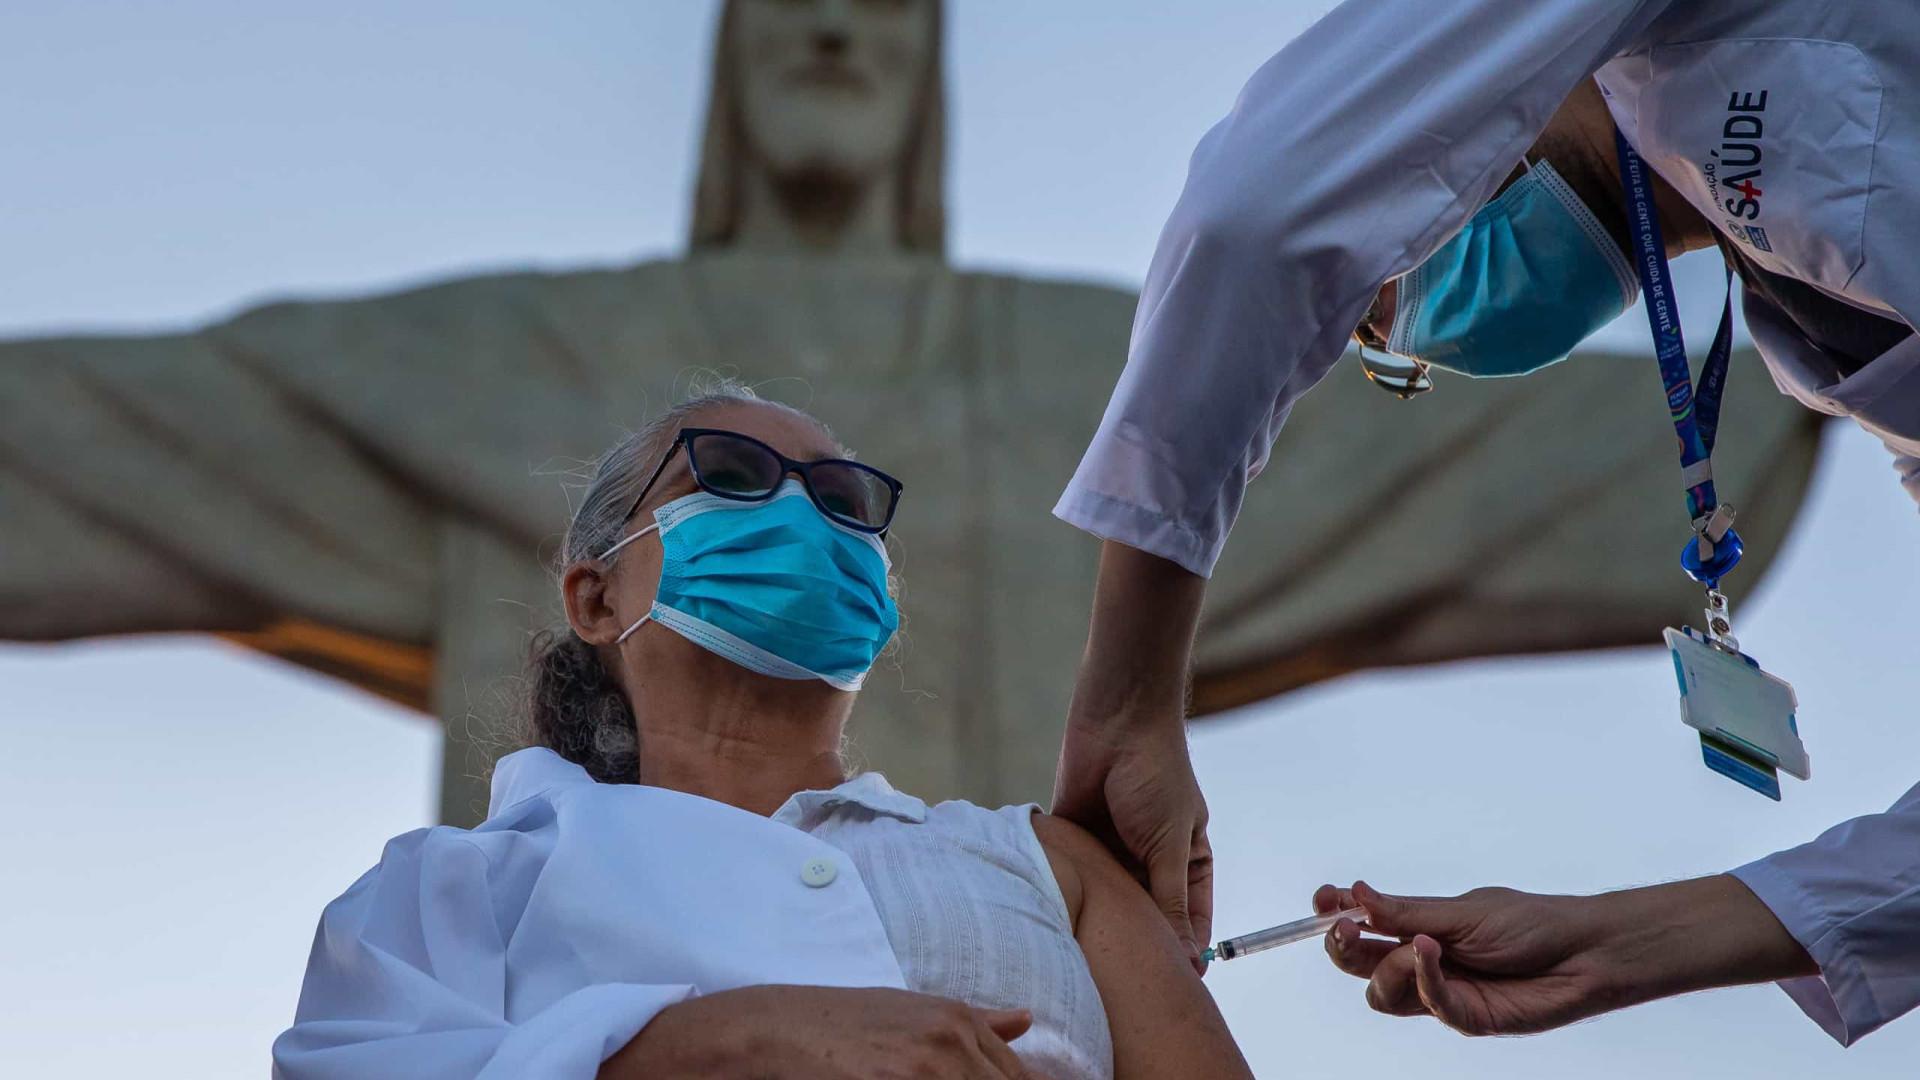 Estado do Rio lança calendário único de vacinação da covid-19